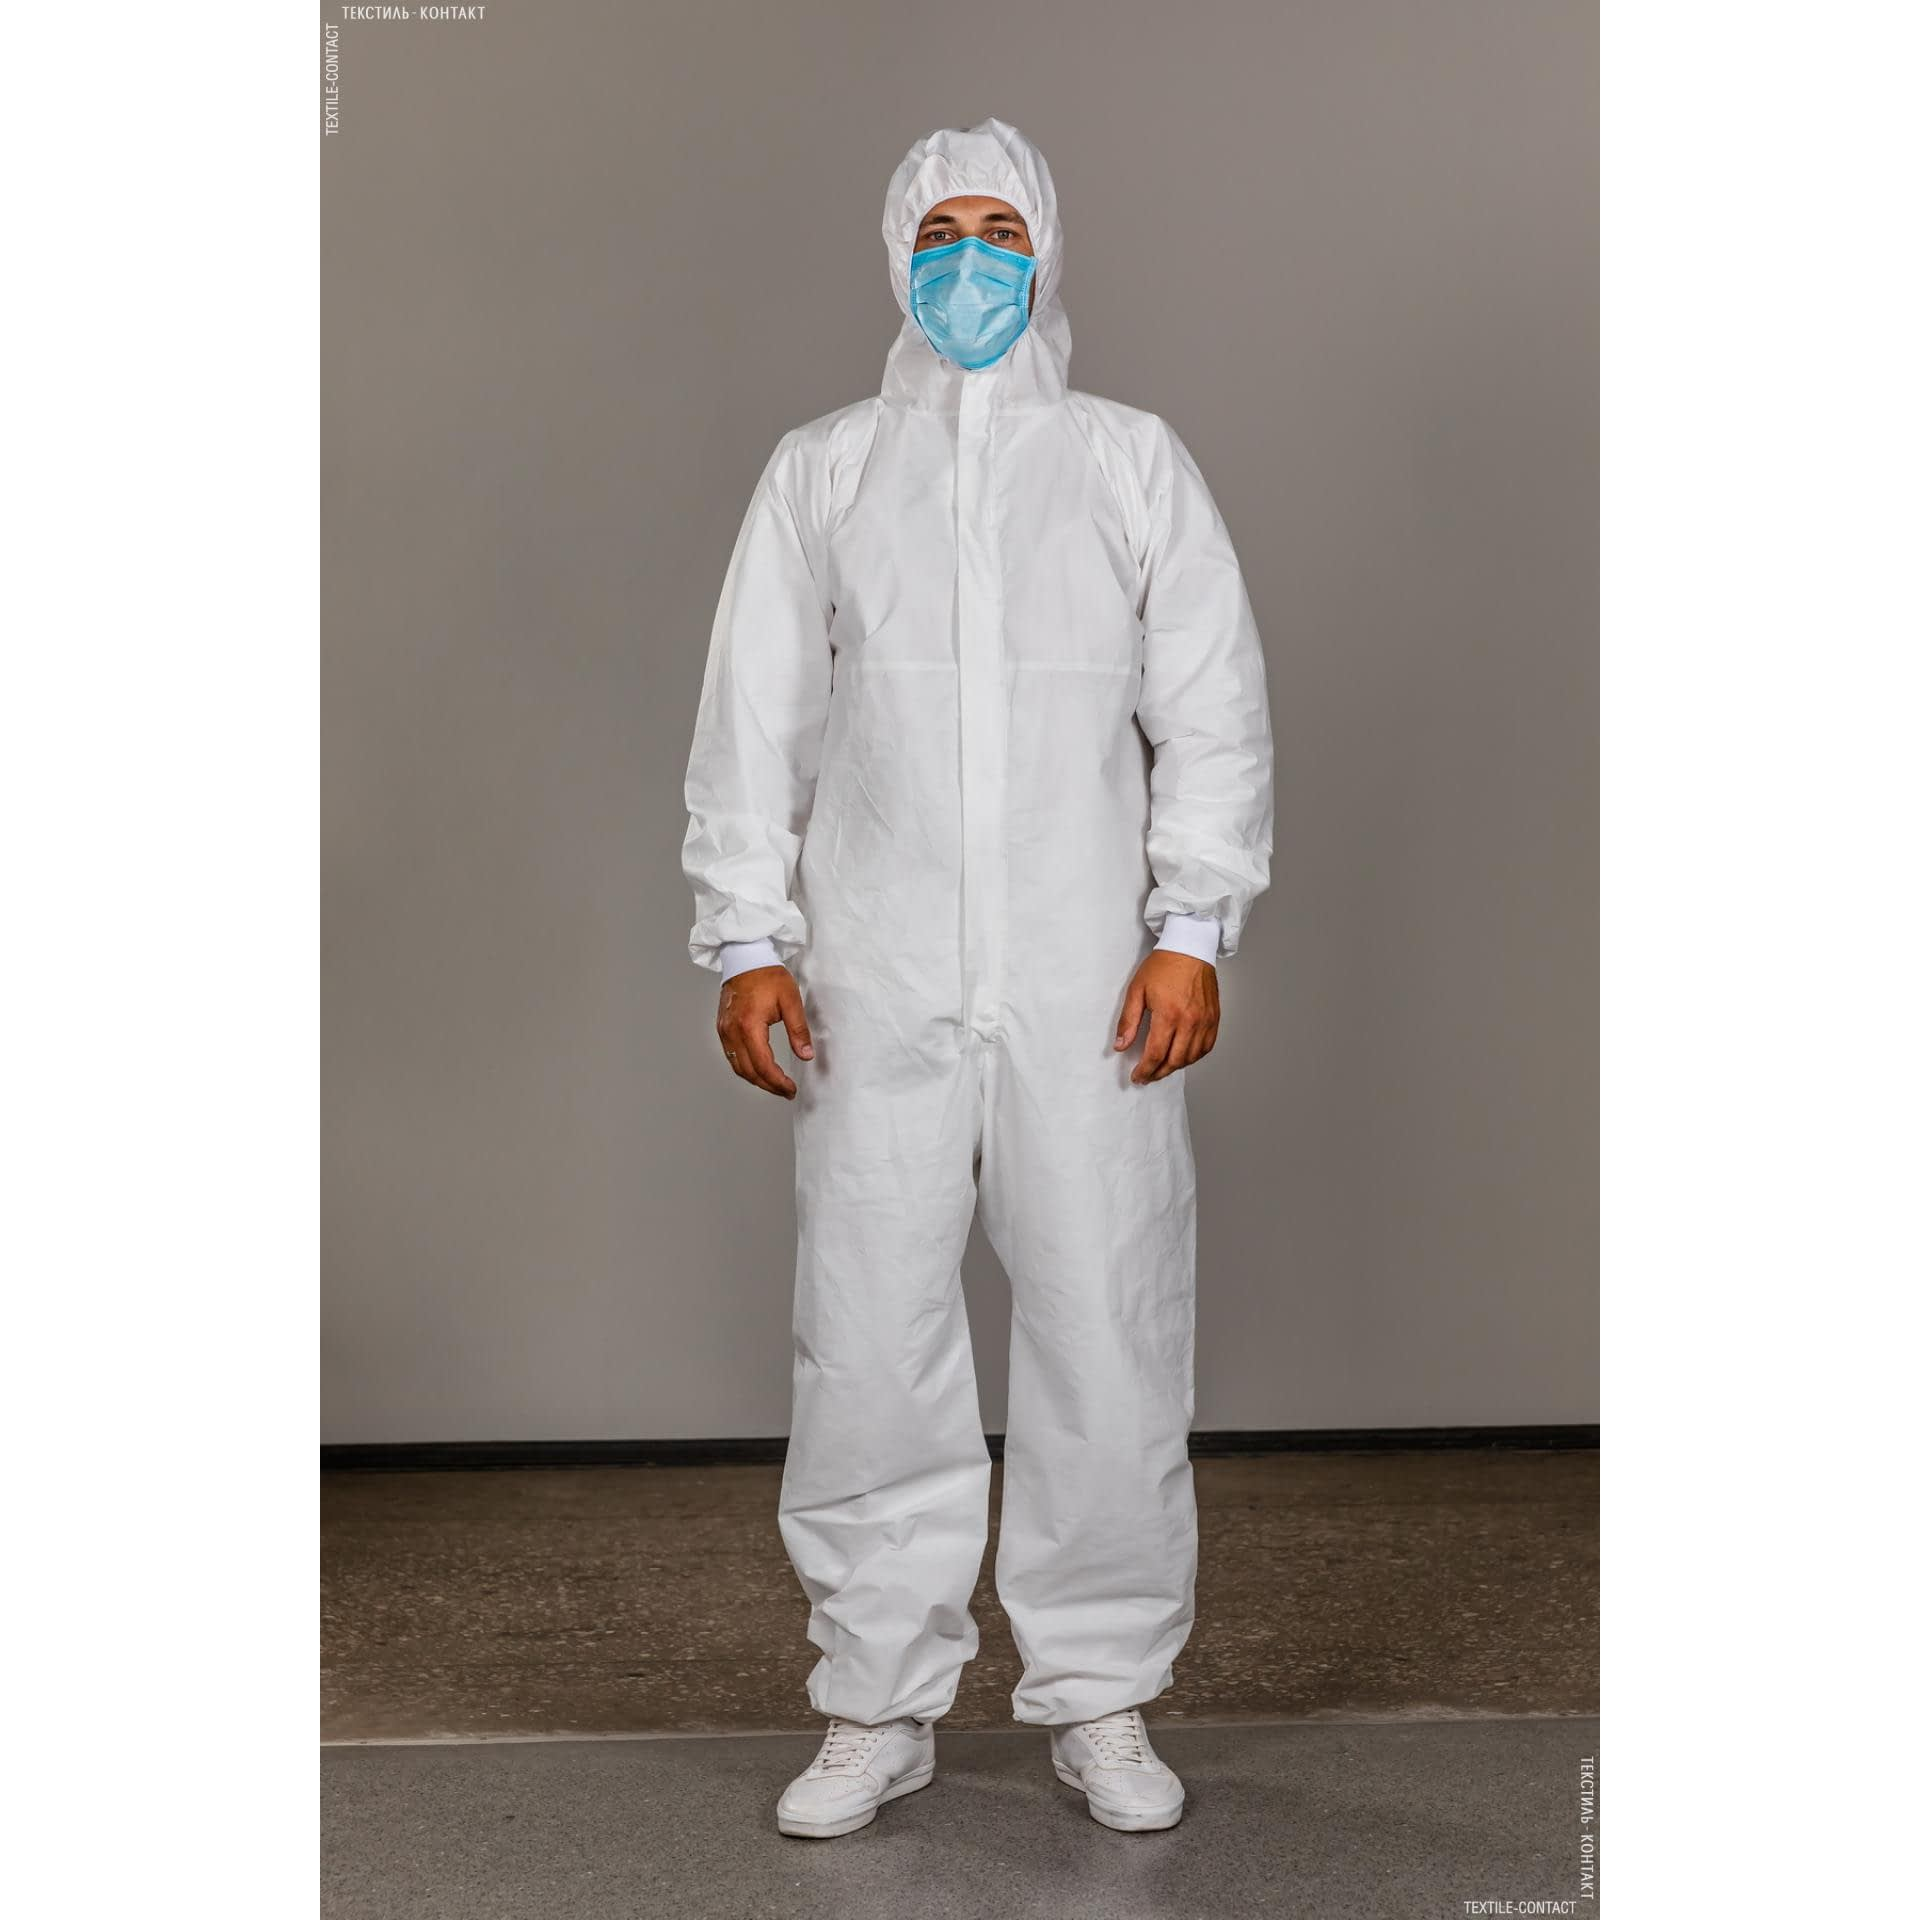 Ткани защитные костюмы - Комбинезон защитный многоразовый TYVEK 500 Xpert белый XL